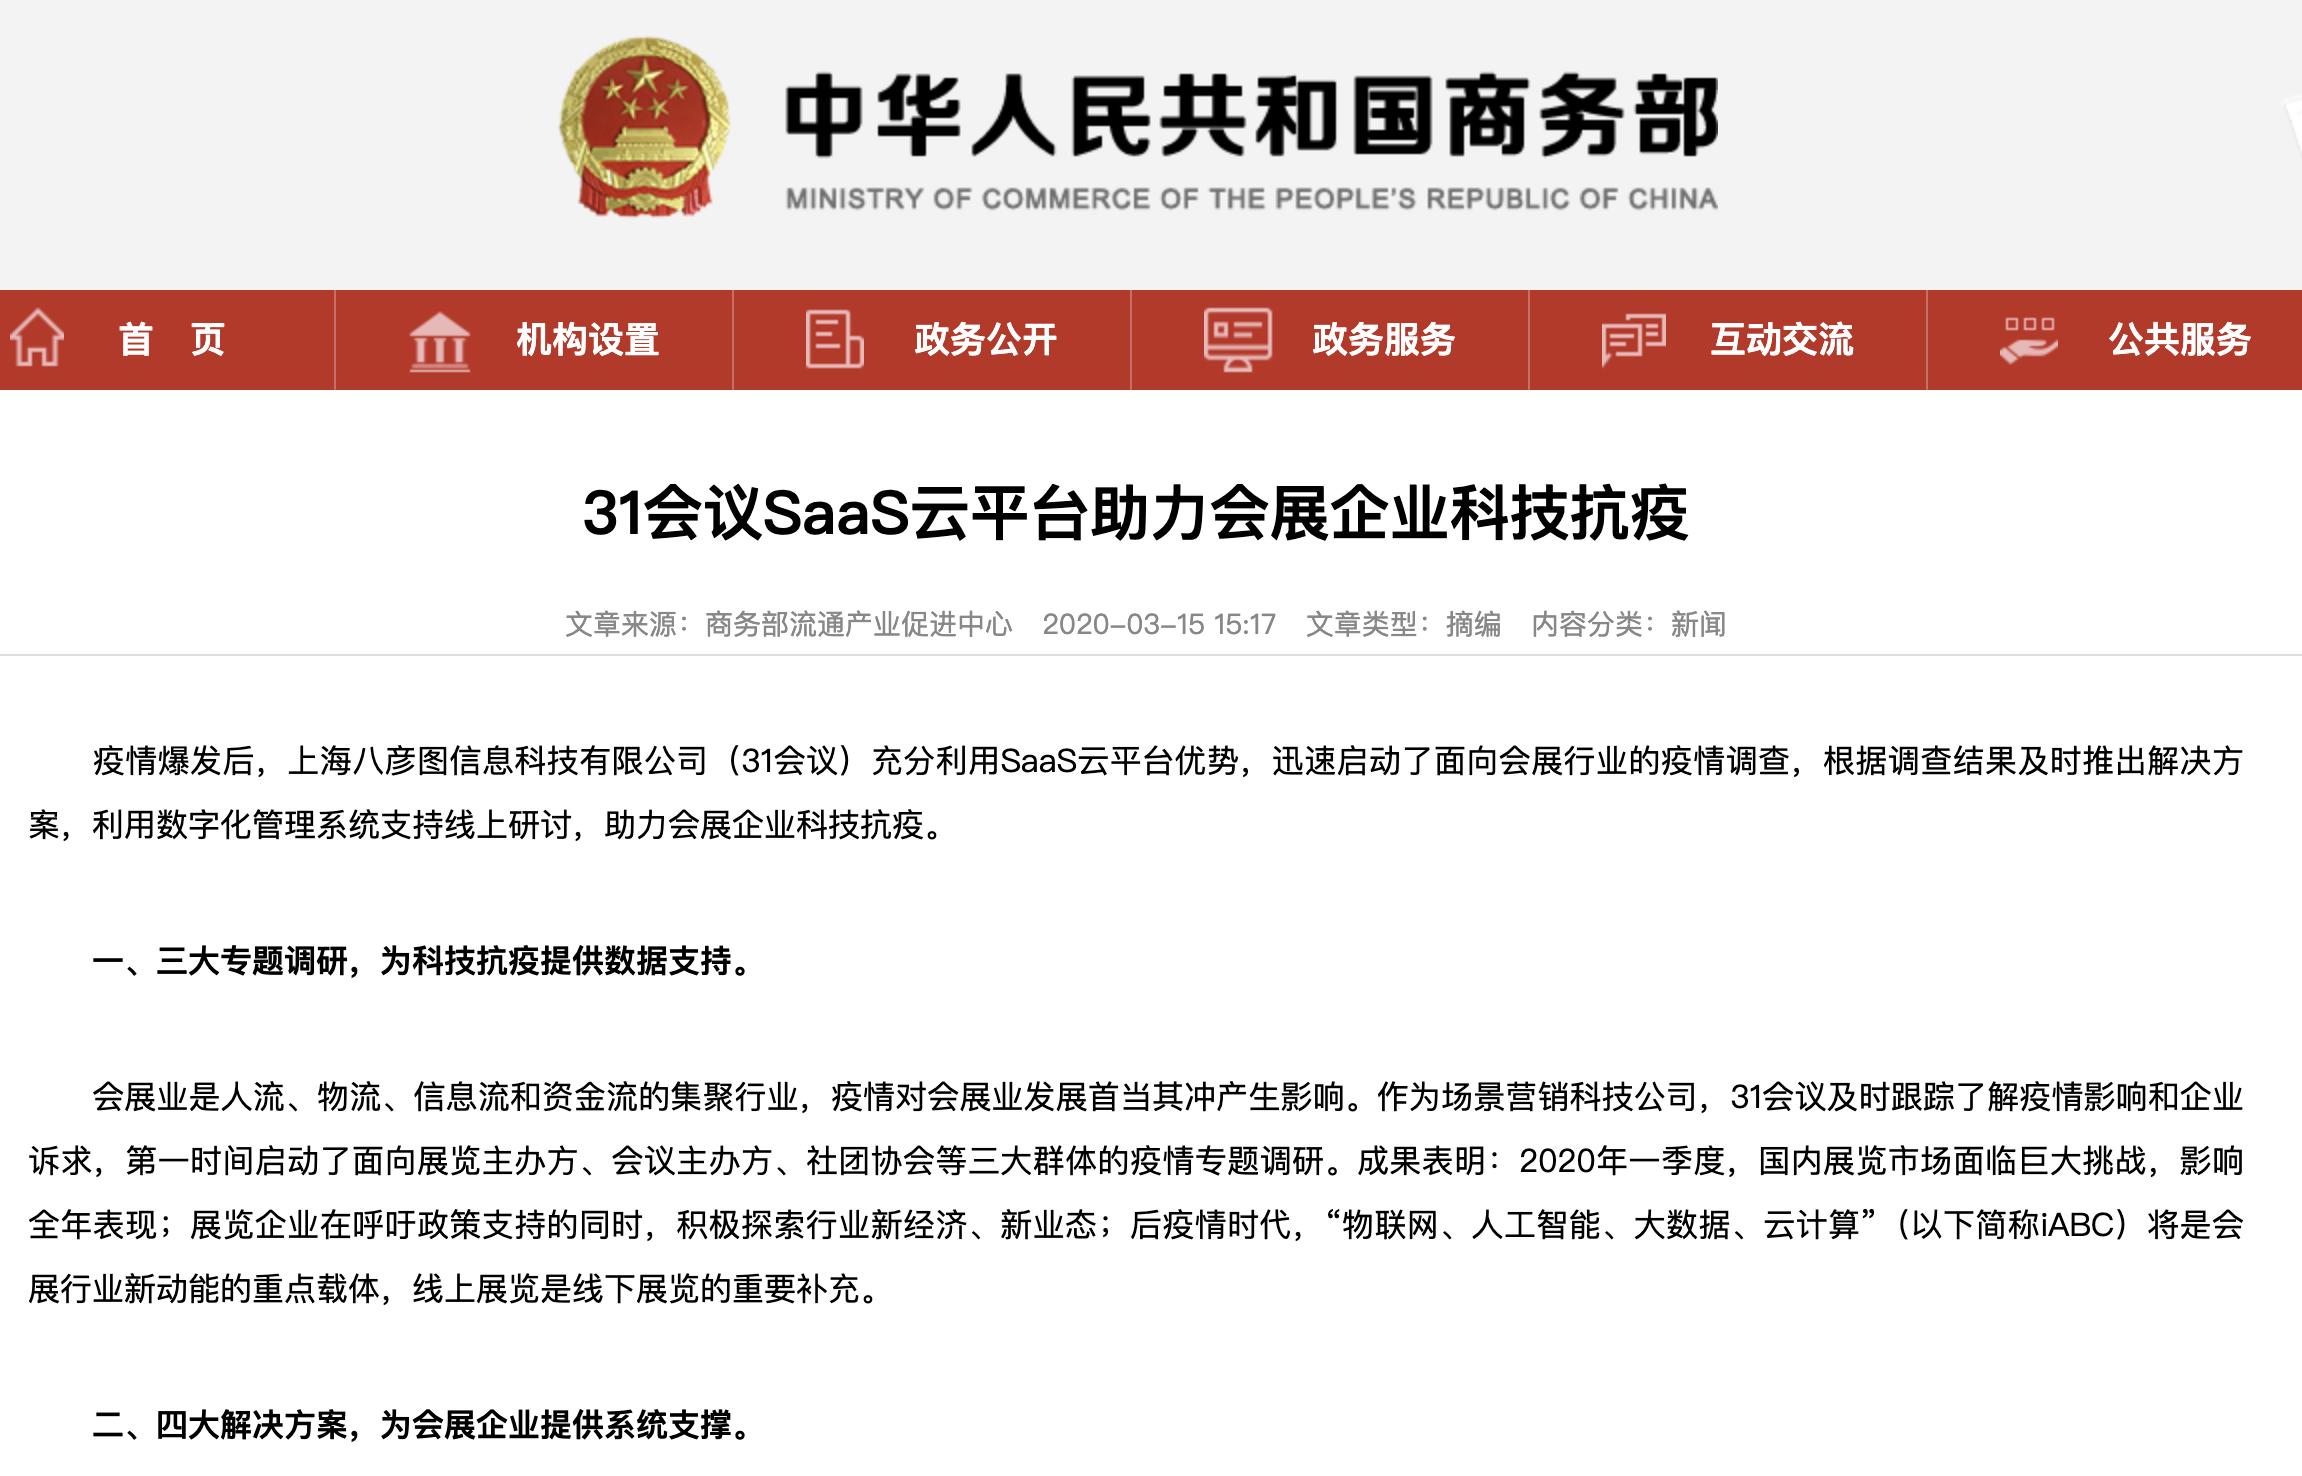 中華人民共和國商務部:31會議SaaS云平臺助力會展企業科技抗疫